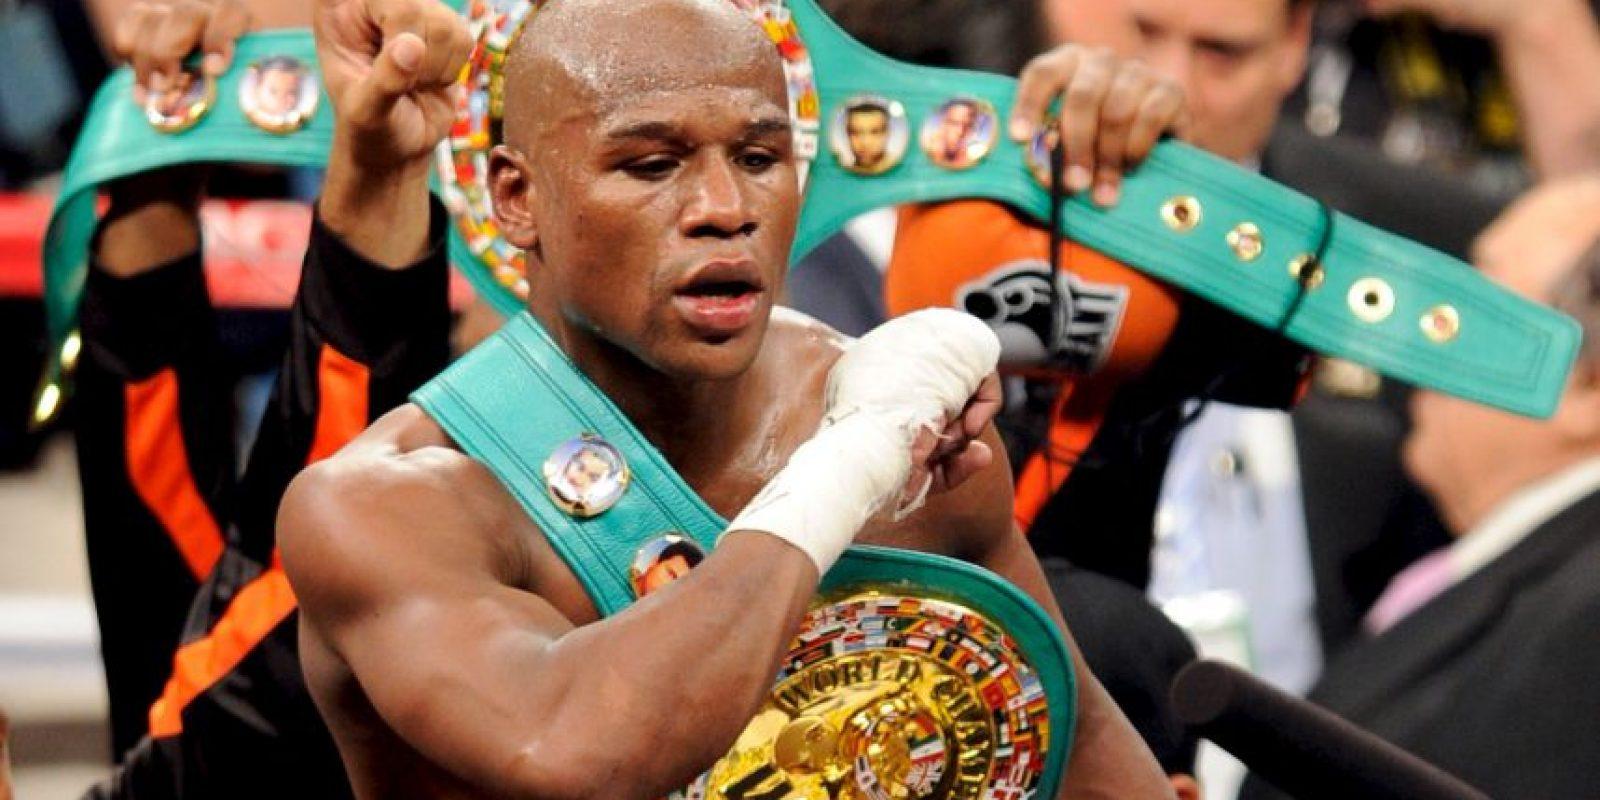 Su última pelea fue en enero de 2014, cuando enfrentó a Luis Collazo y fue noqueado por él. Foto:Getty Images